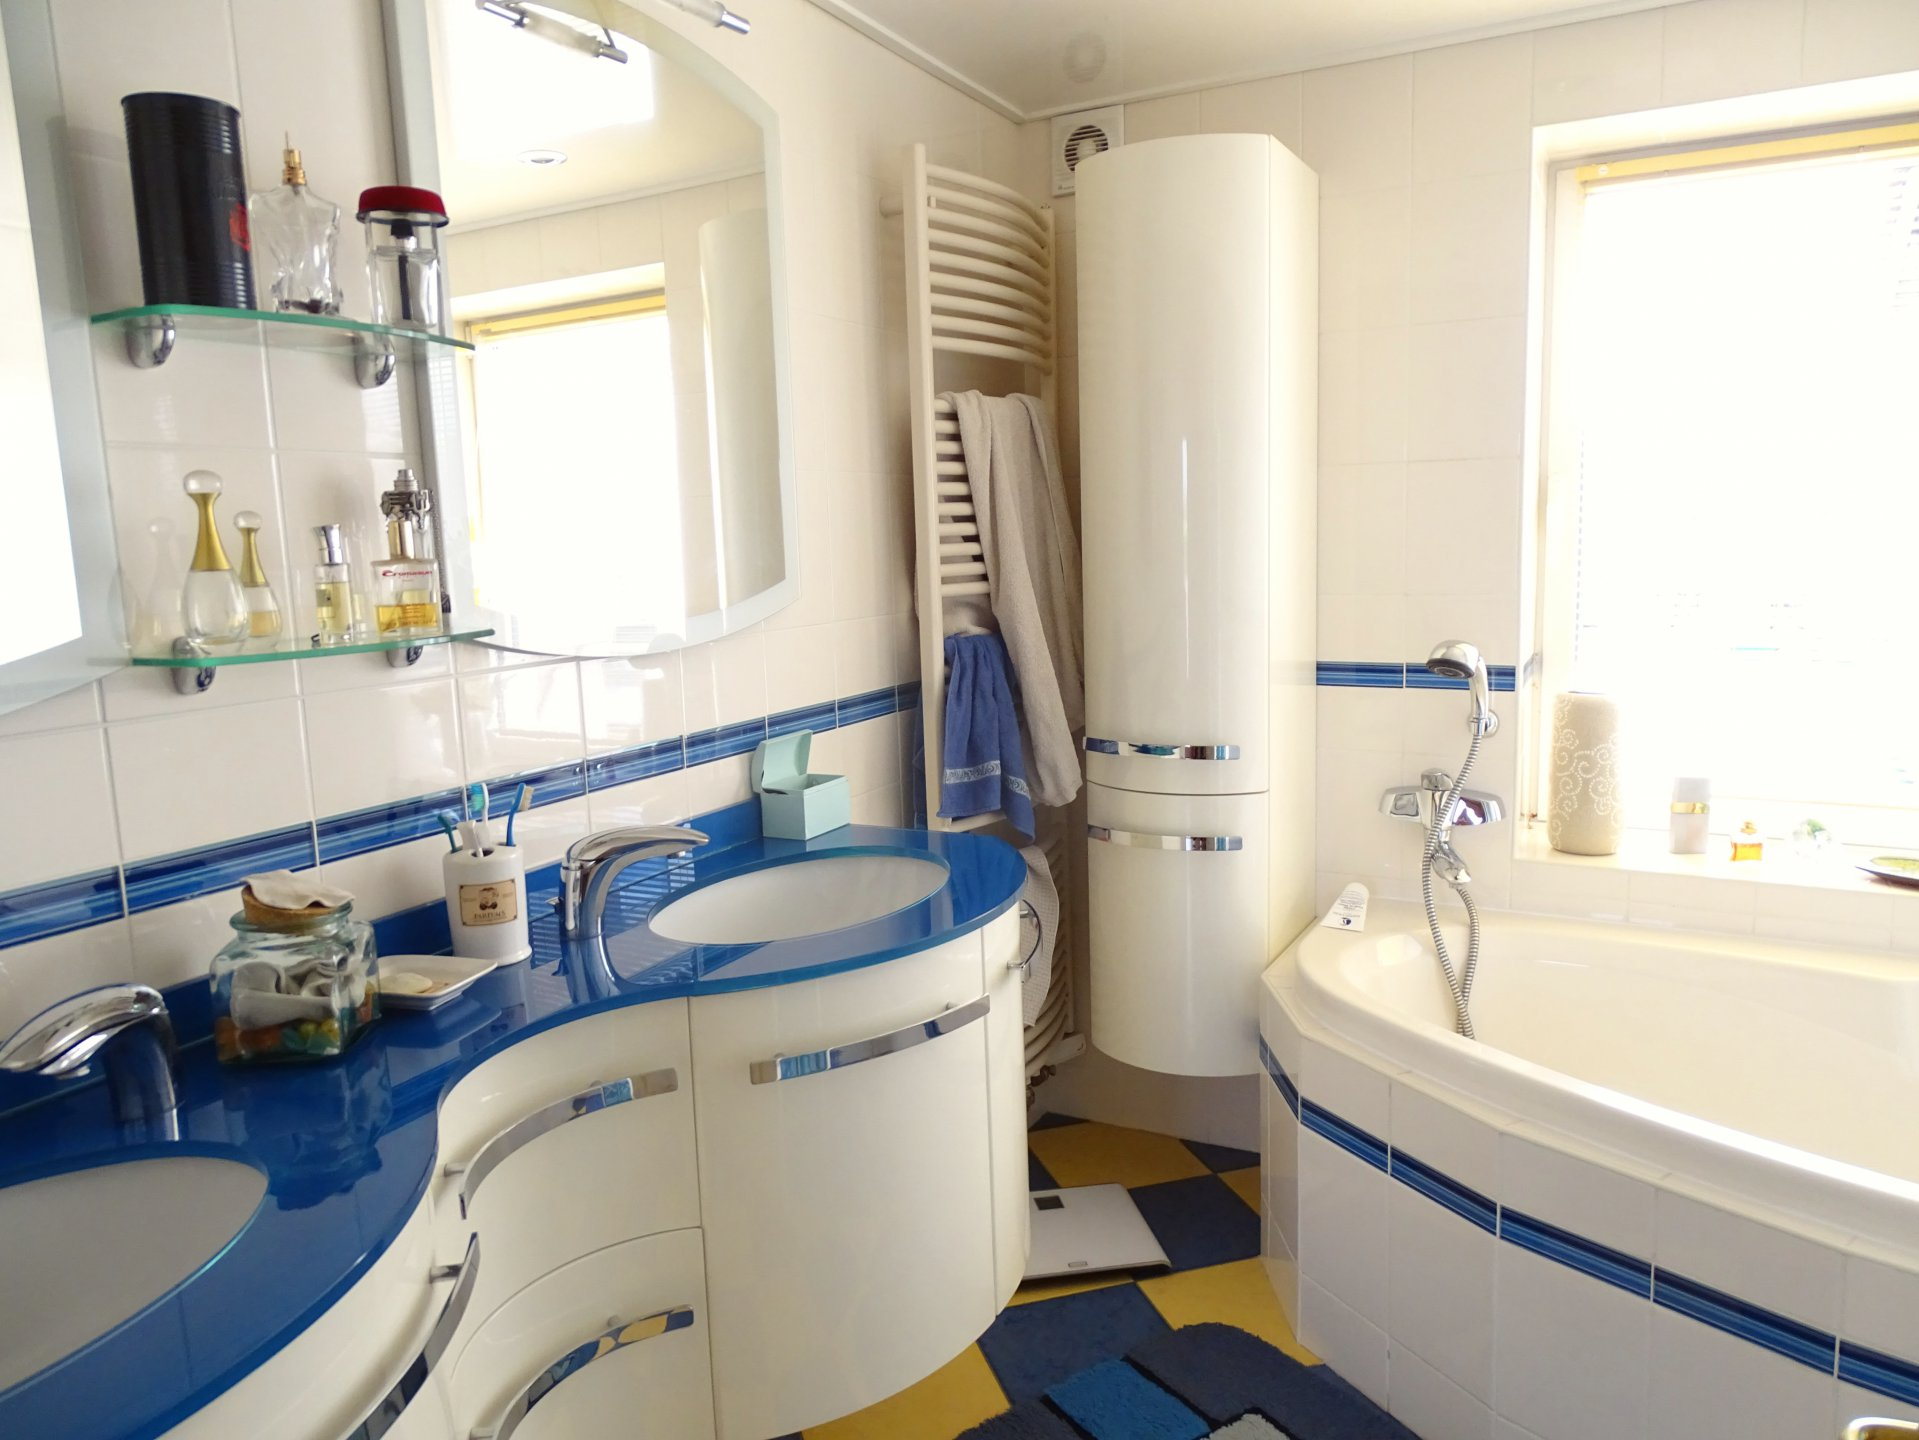 A 7 min de Feillens, proche accès autoroute, au calme absolu, venez découvrir cette belle ferme bressanne rénovée d'une surface de 170 m² habitable. Cette maison se compose d'une cuisine équipée, un bel espace salle à manger, deux salons, quatre chambres, une salle de bains (douche et baignoire), une salle d'eau, 2 toilettes, une buanderie ainsi qu'un bureau. Vous serez séduits par sa rénovation de qualité, ses grandes ouvertures et ses nombreux rangements. Maison très lumineuse sans vis à vis. Un garage ainsi qu'une dépendance complètent ce bien. Le tout est implanté sur un terrain clos de 6 690 m² avec piscine. Honoraires à la charge du vendeur.